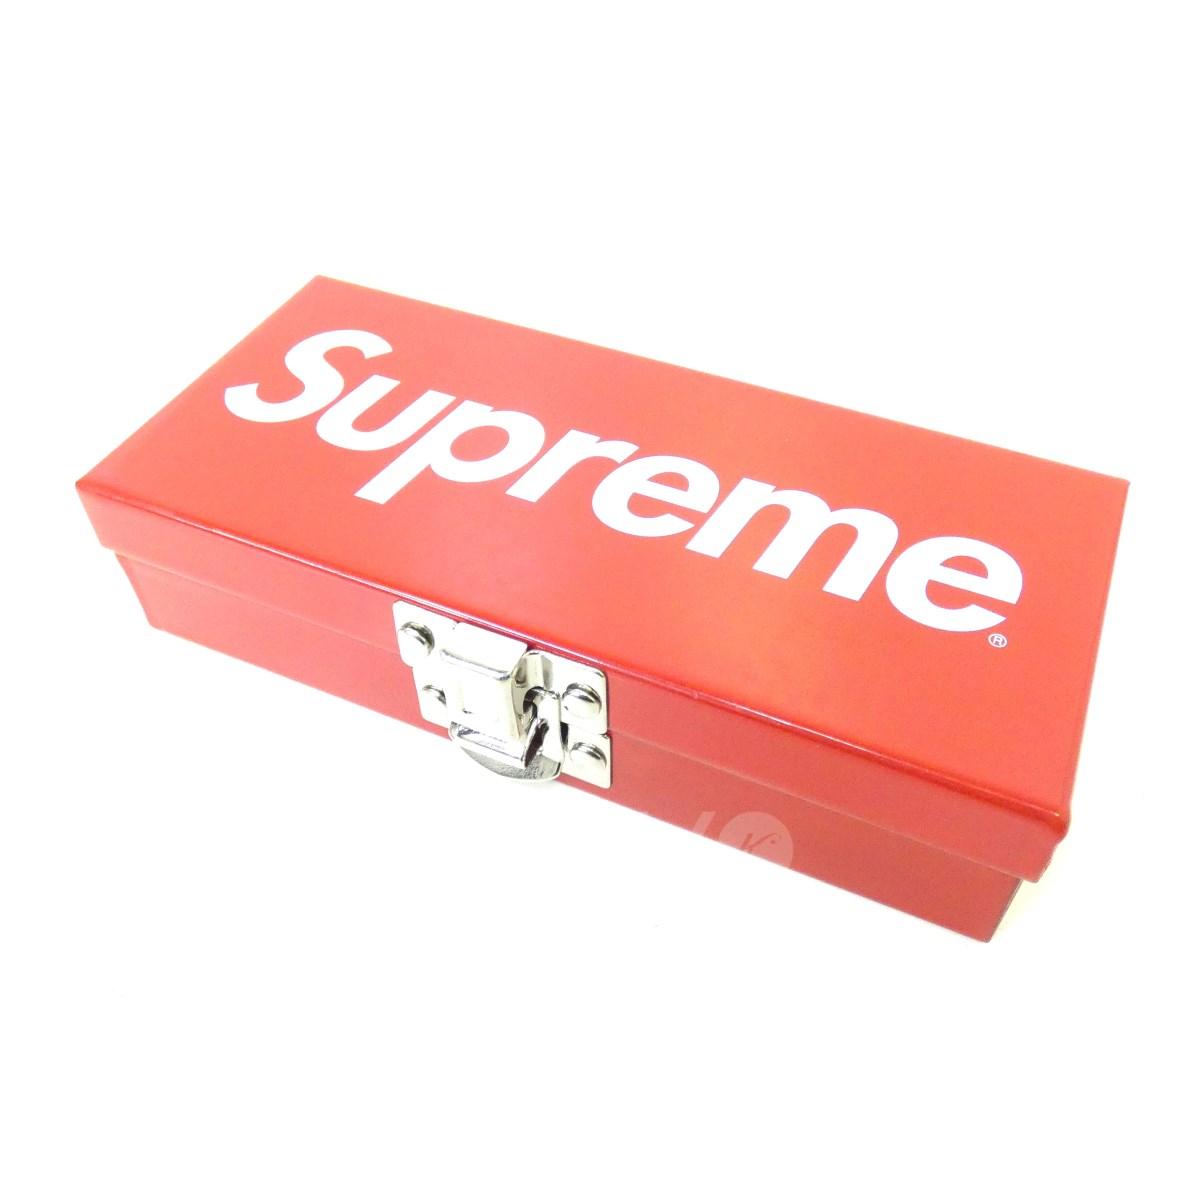 【中古】SUPREME 17SS「Small Metal Storage Box」ロゴスモールメタルボックス レッド サイズ:- 【送料無料】 【061018】(シュプリーム)